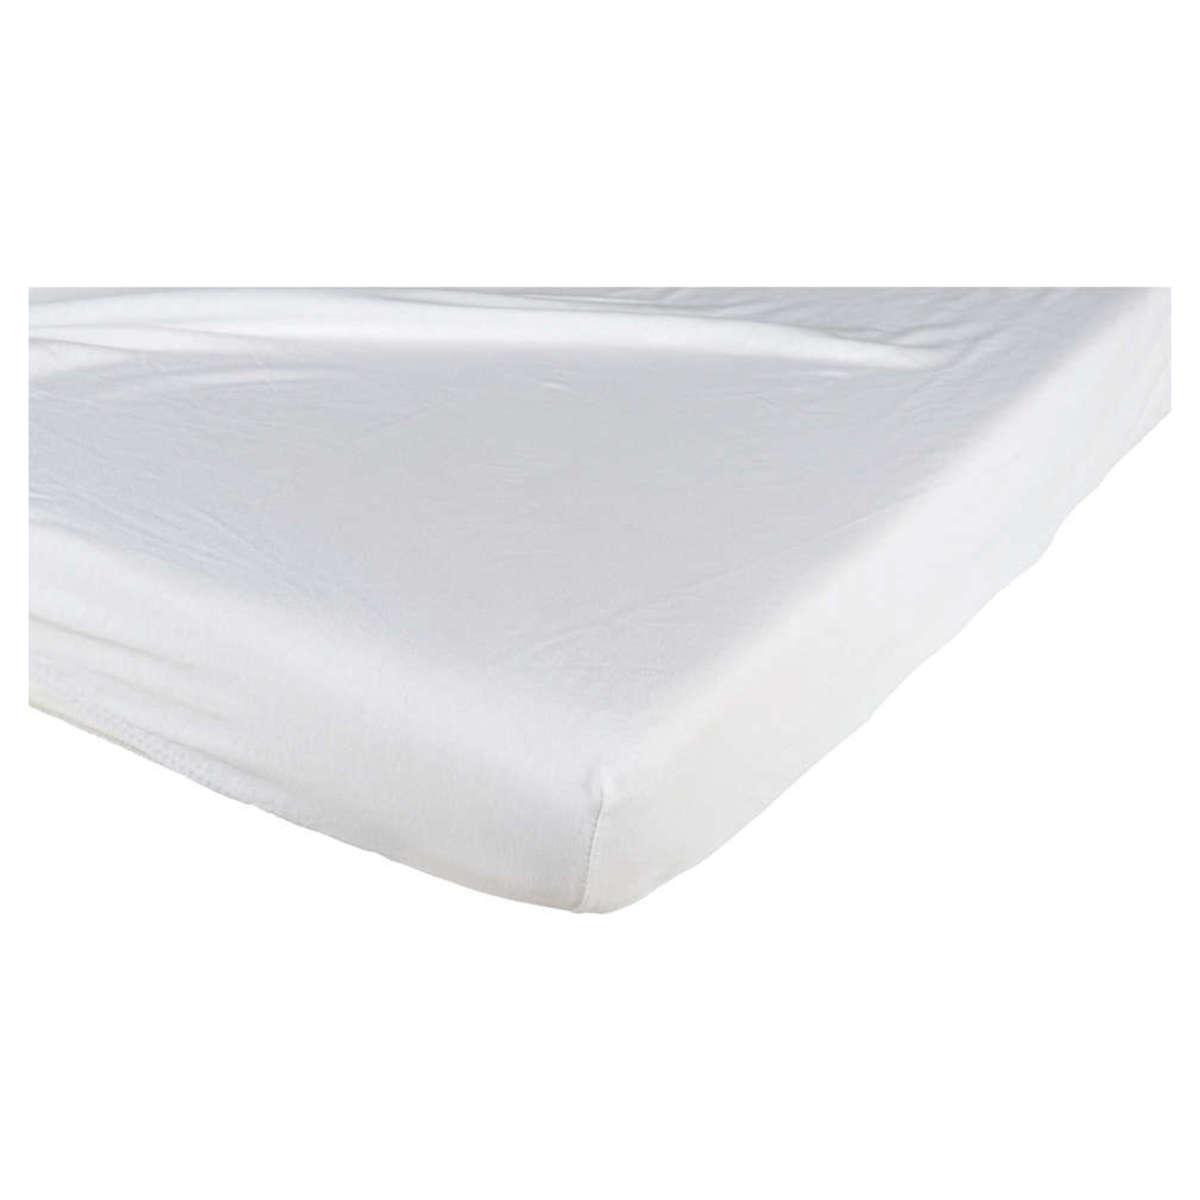 Linge de lit Drap Housse en Coton Blanc - 60 x 120 cm Drap Housse en Coton Blanc - 60 x 120 cm